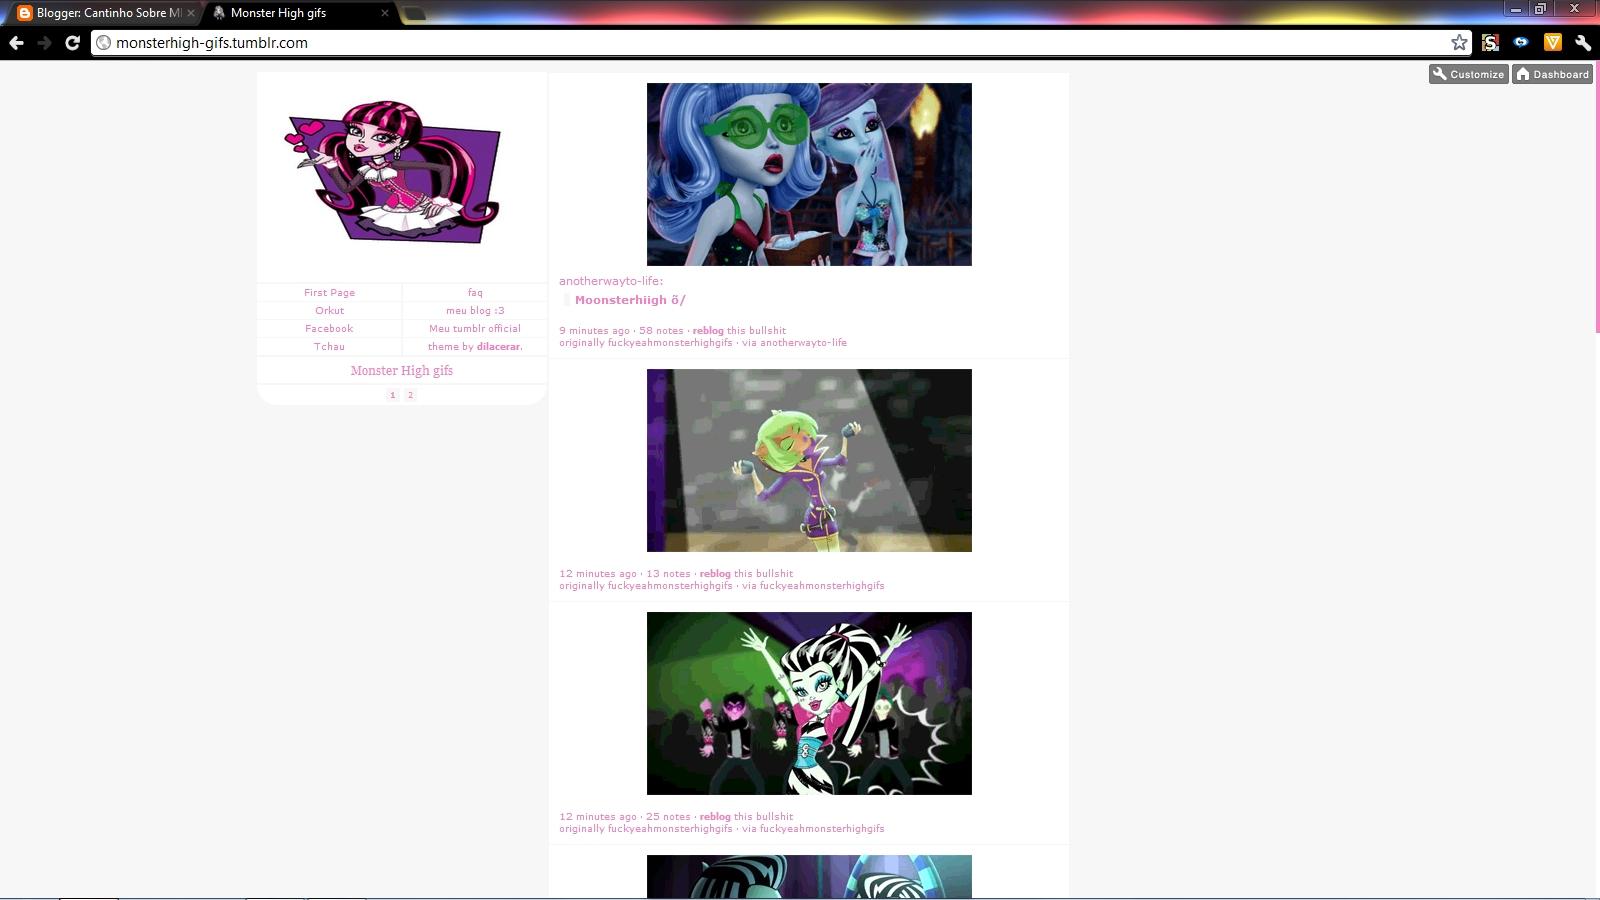 Meu Tumblr Blog Cantinho Sobre